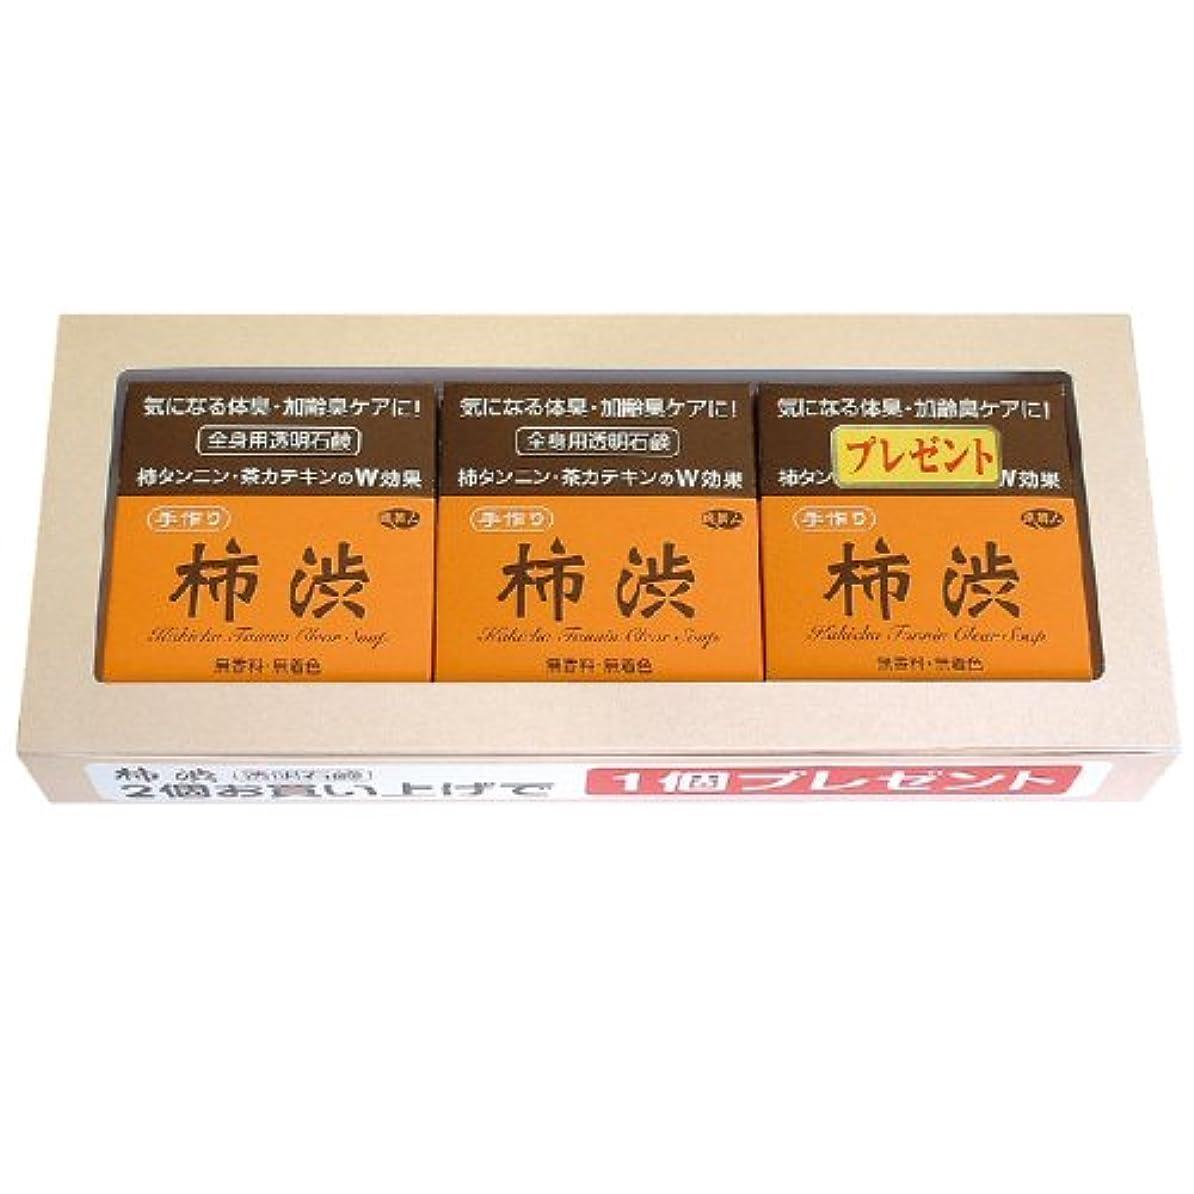 生きるハシー発生アズマ商事の 柿渋透明石鹸 2個の値段で3個入りセット